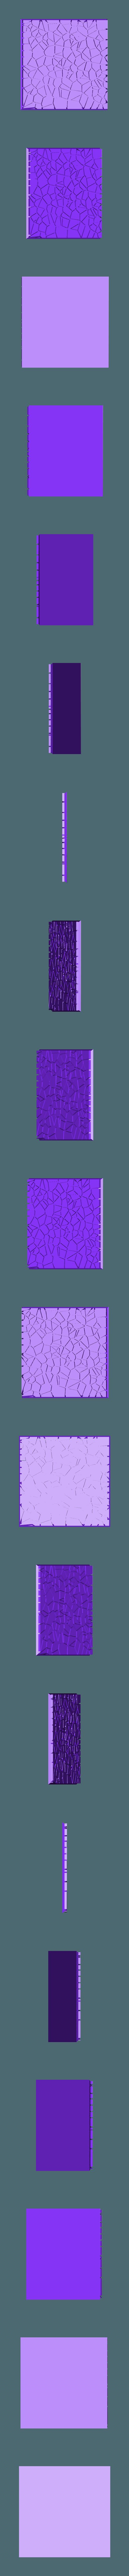 Cracked_Paving__80mm_square_2.stl Télécharger fichier STL gratuit Dallage fissuré / Bases carrées à effet de lave pour la saga Dungeon, Kingd of war, Warhammer fantasy battle etc • Objet imprimable en 3D, redstarkits